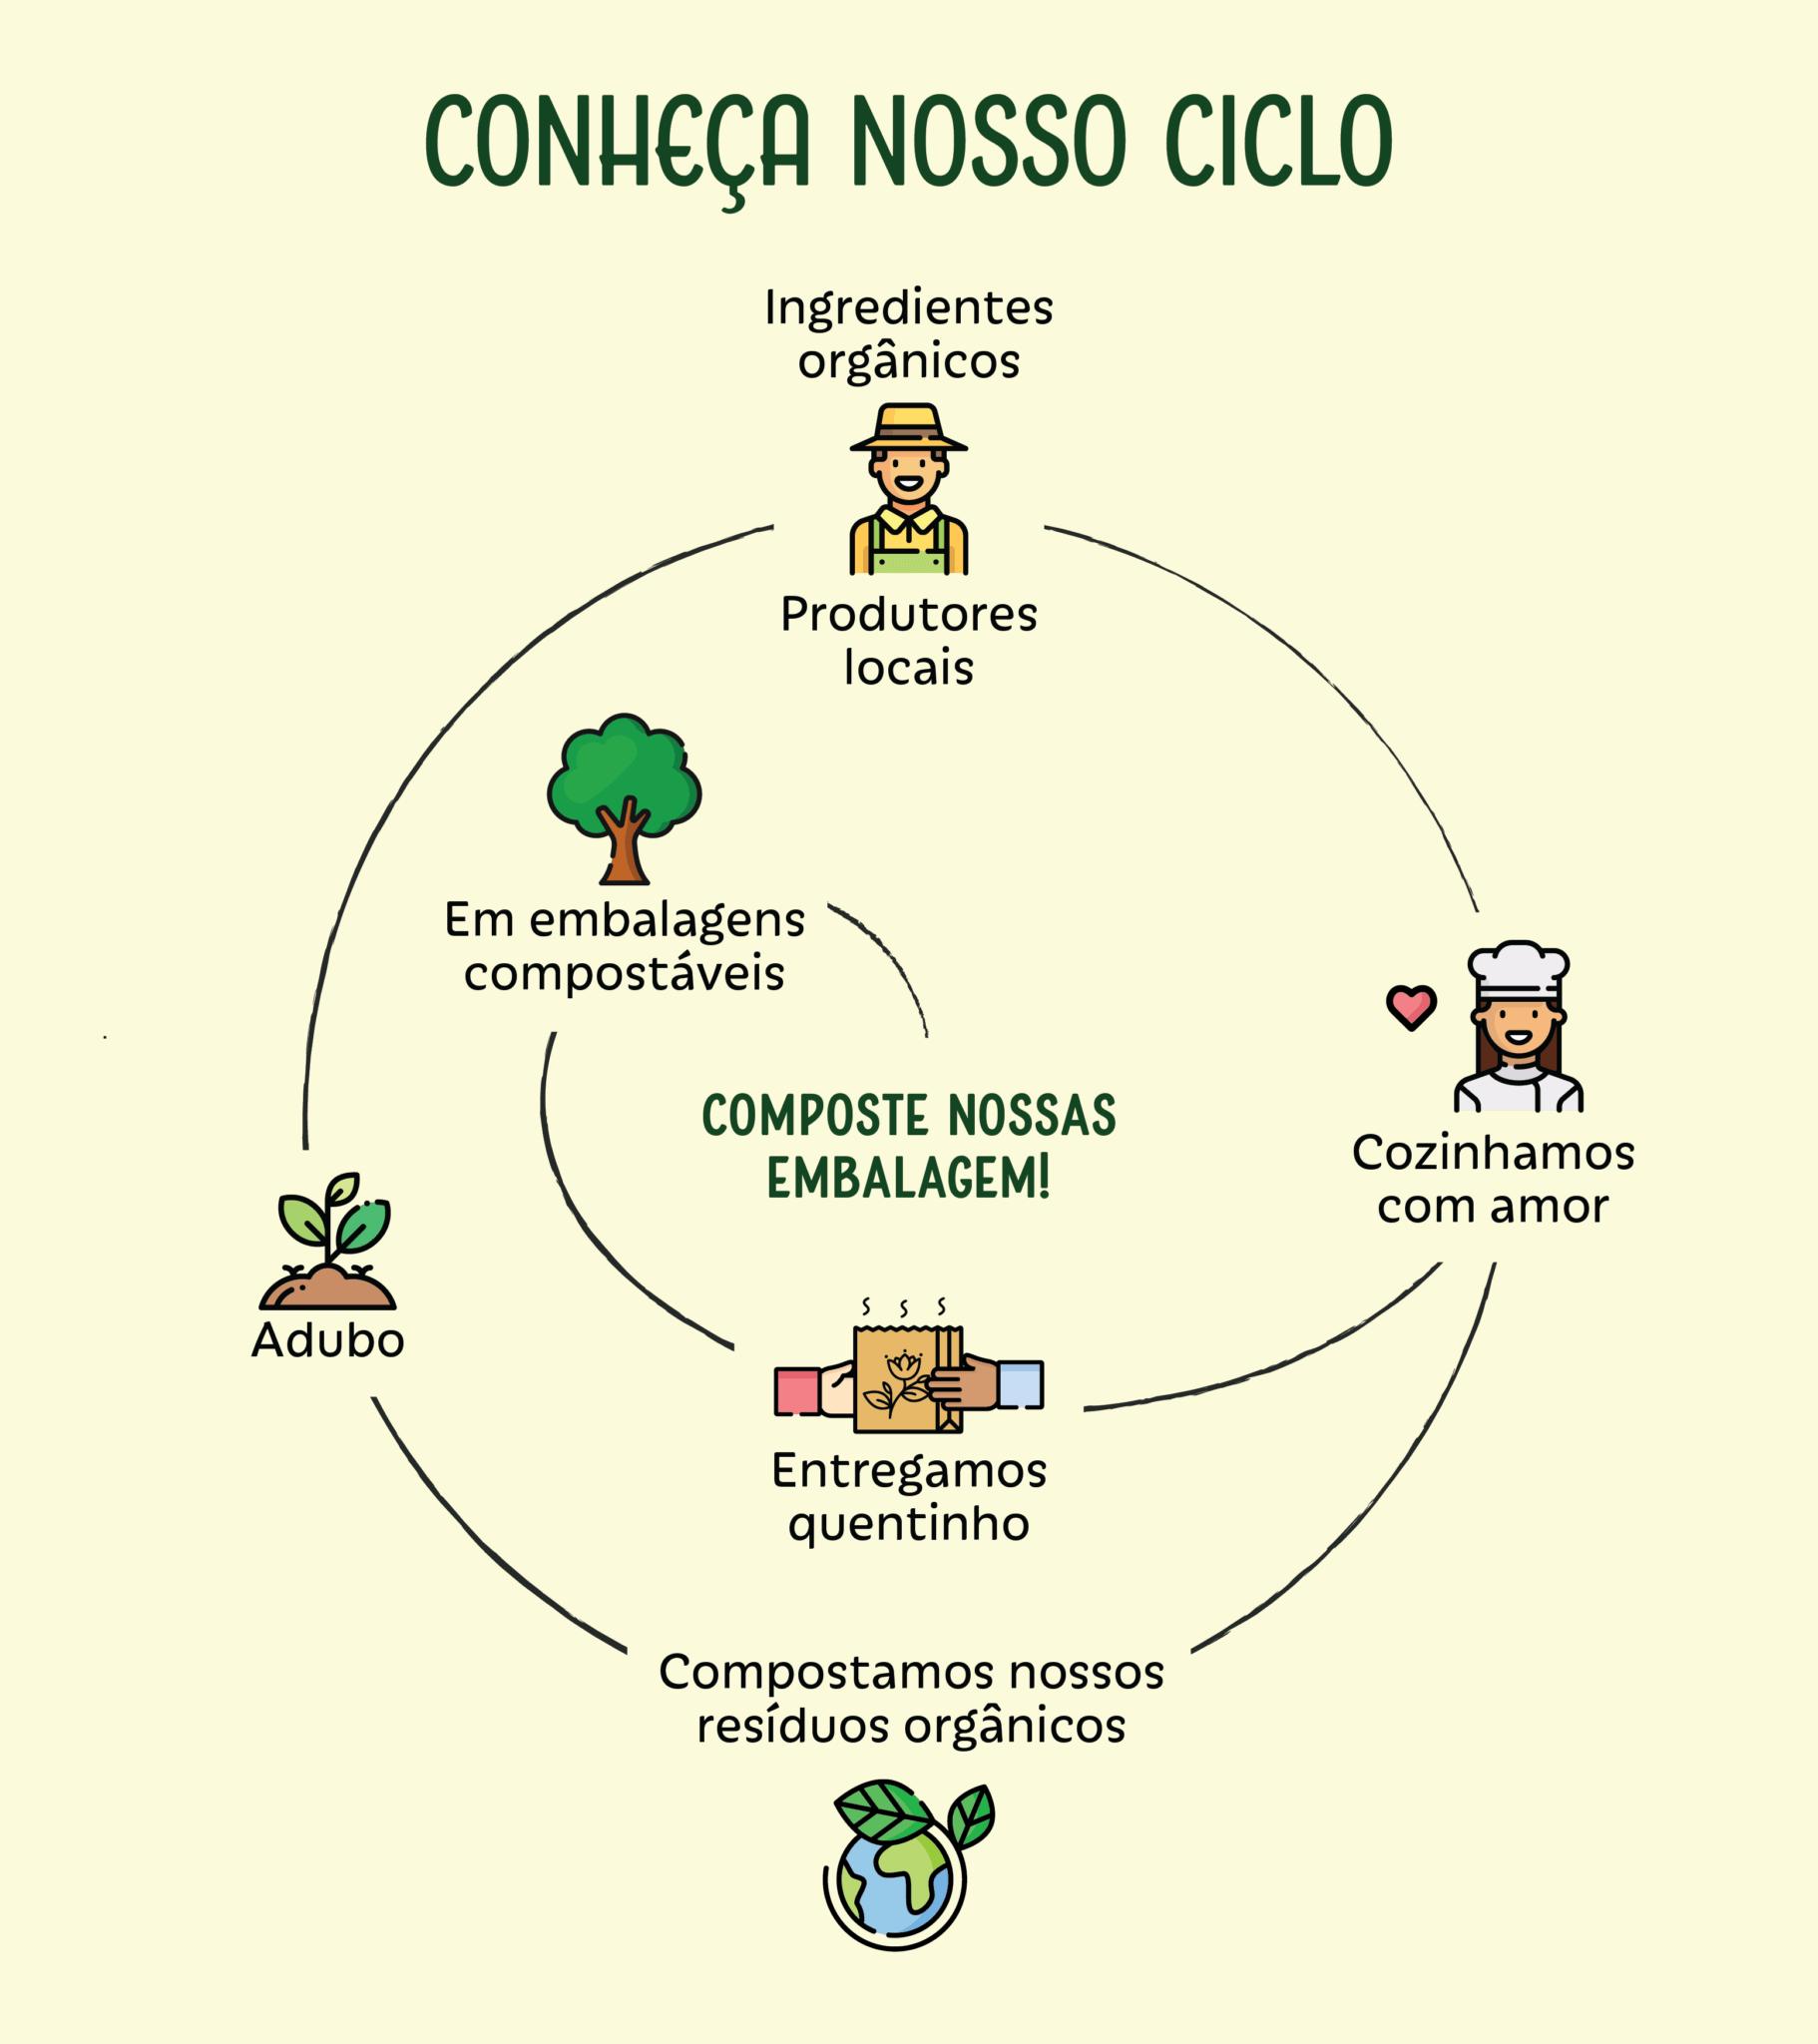 Nosso ciclo